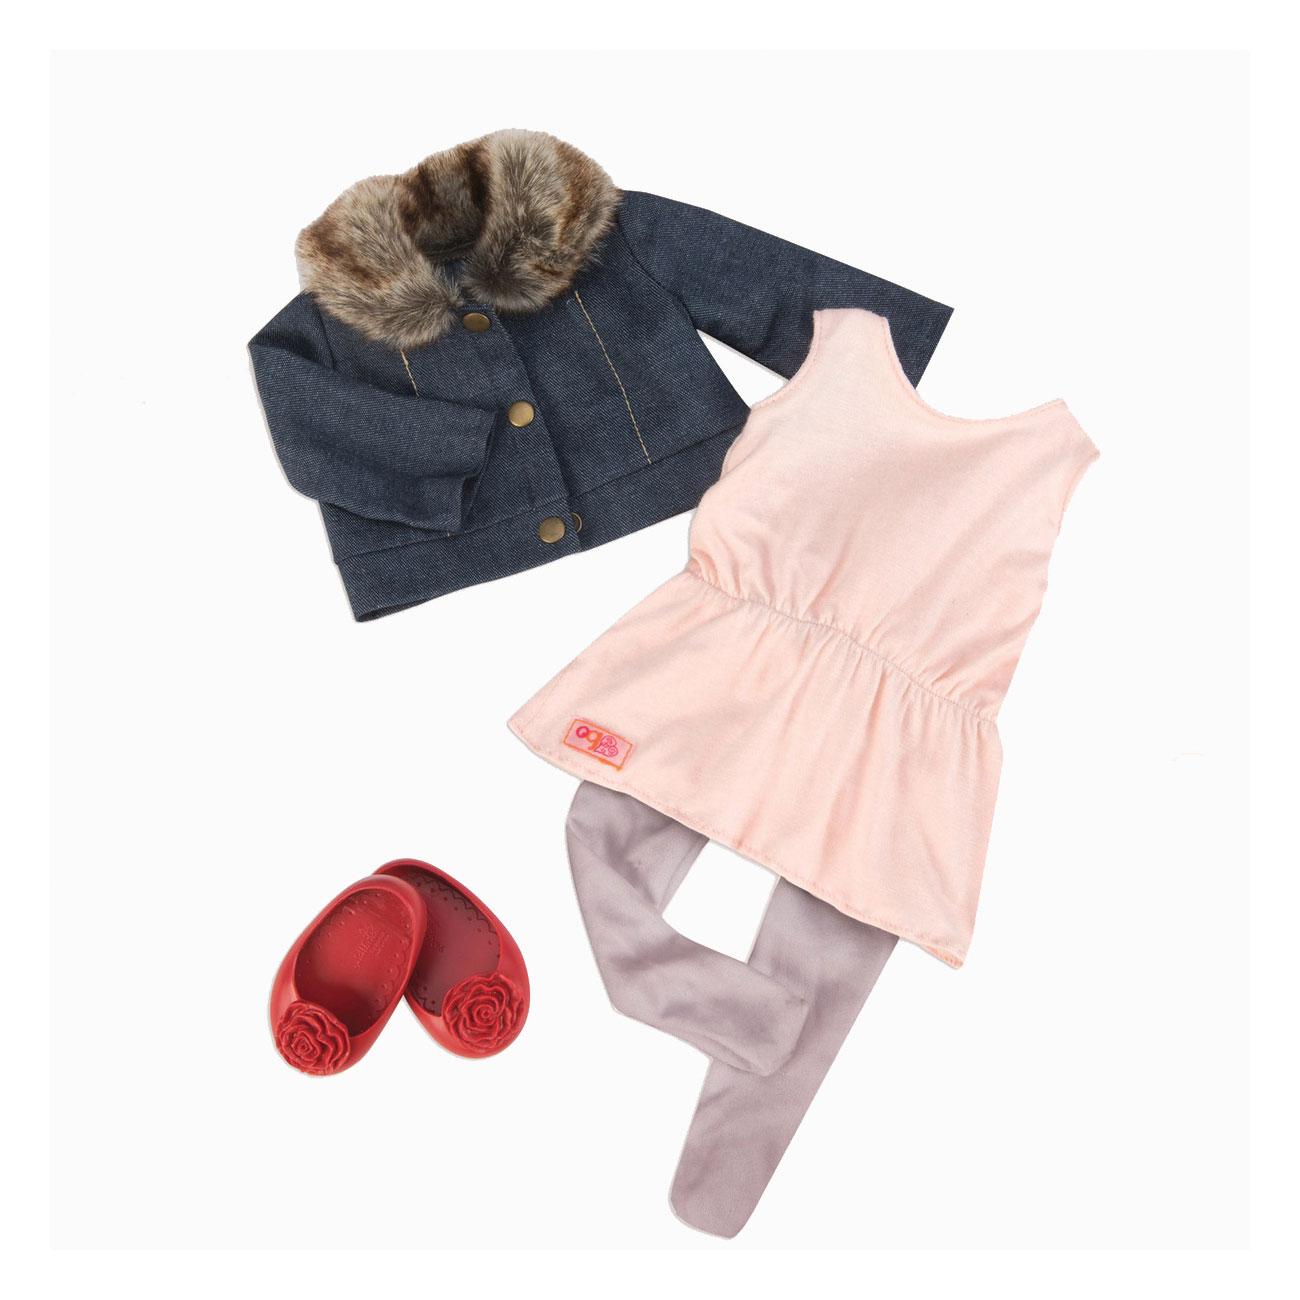 Одежда Our Generation для куклы 46 см Джинсовая куртка с меховым воротничком туника легинсы балетки<br>